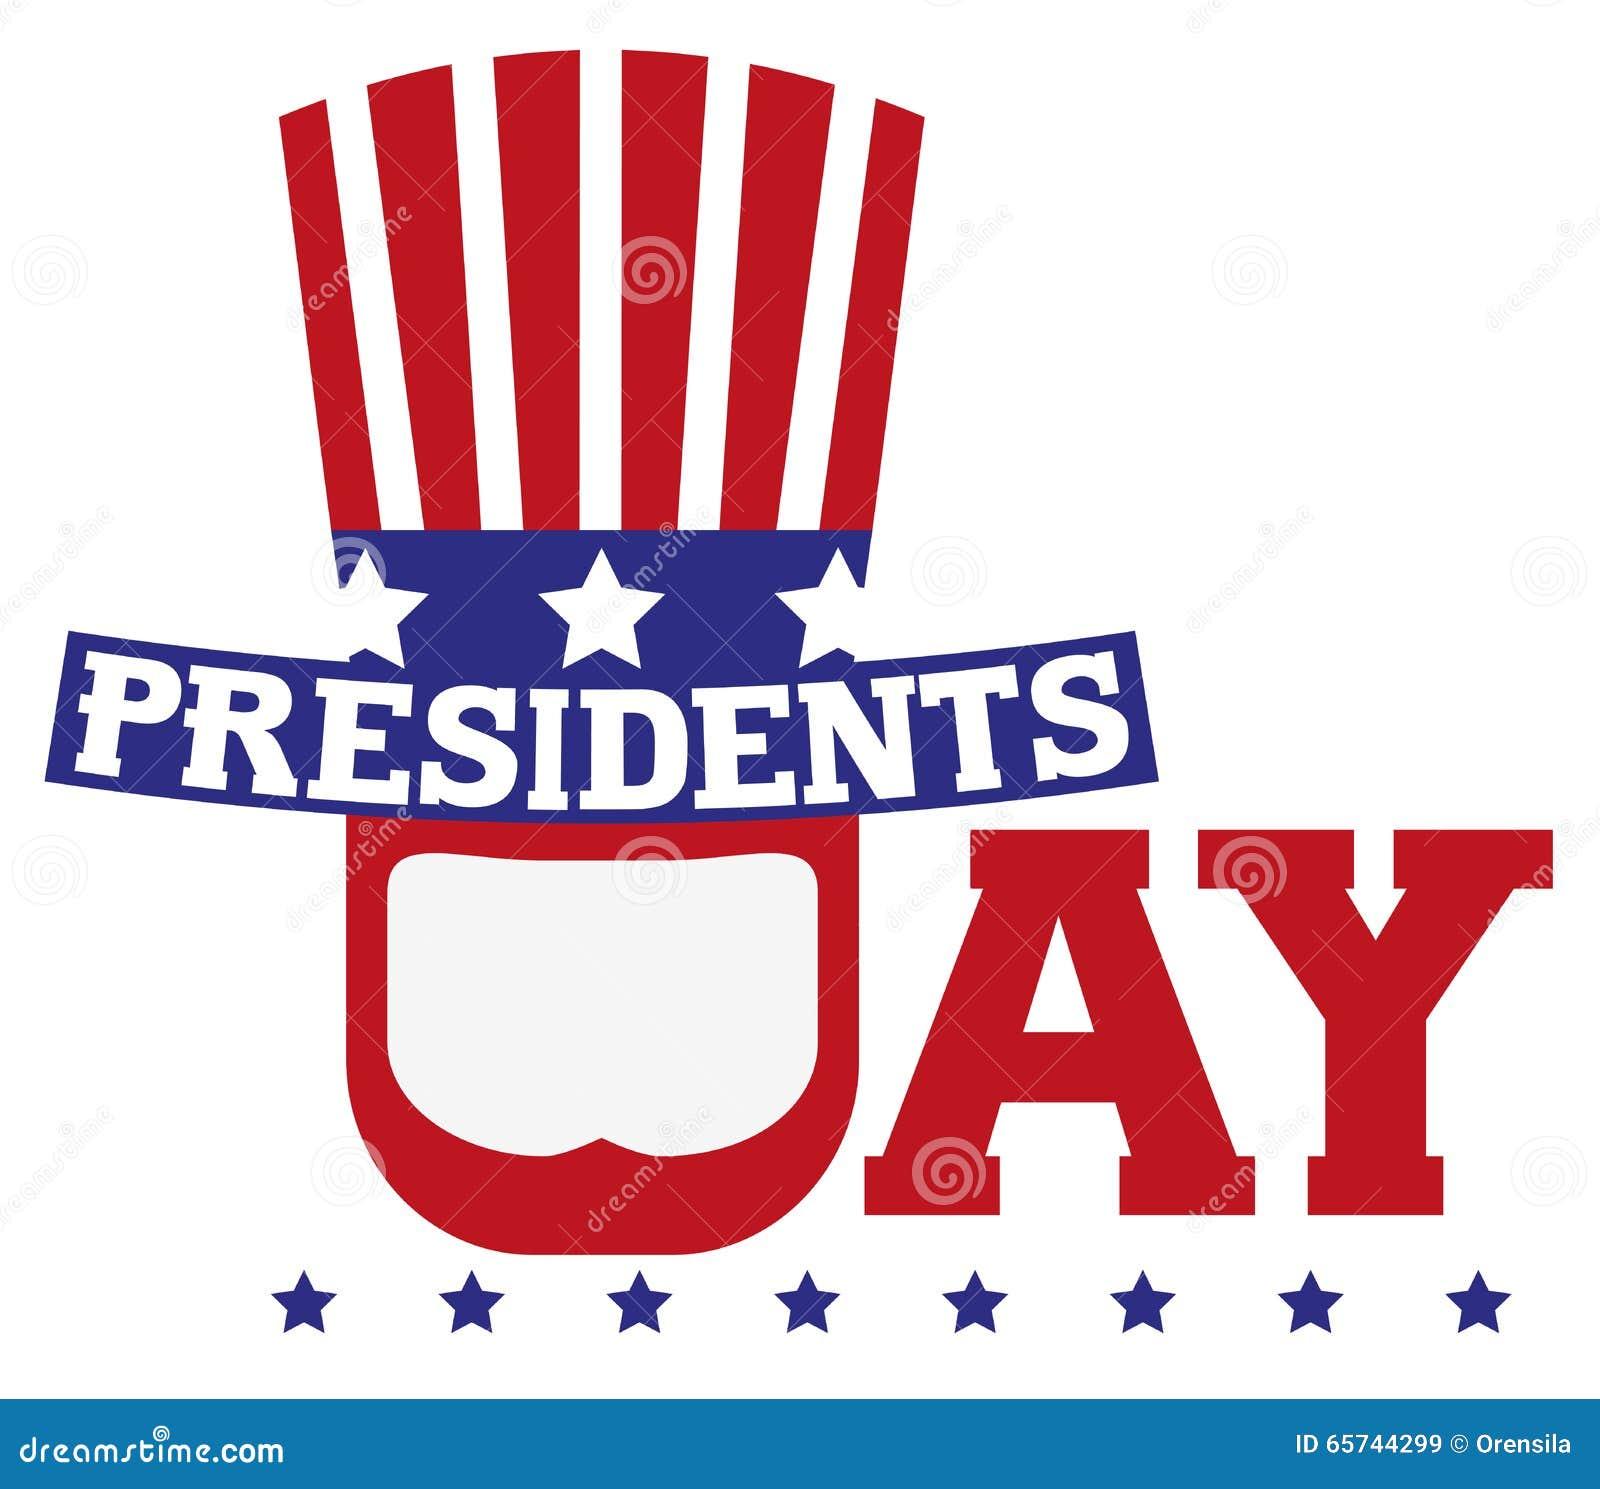 Presidents day in usa patriotic symbols stock vector presidents day in usa patriotic symbols biocorpaavc